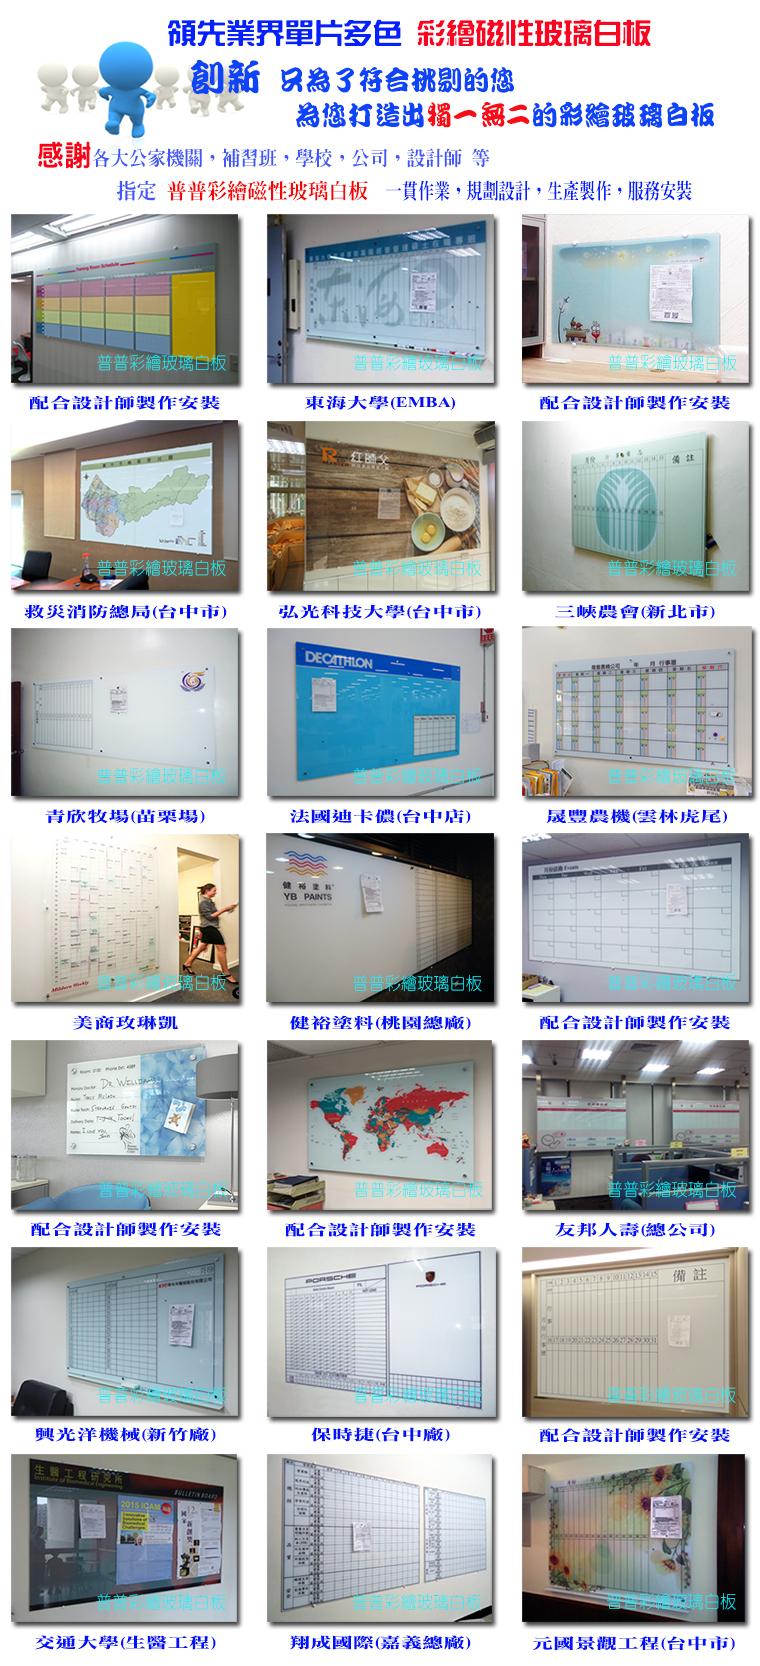 台中東海大學安裝實景,彩繪磁性玻璃白板,台中玻璃白板